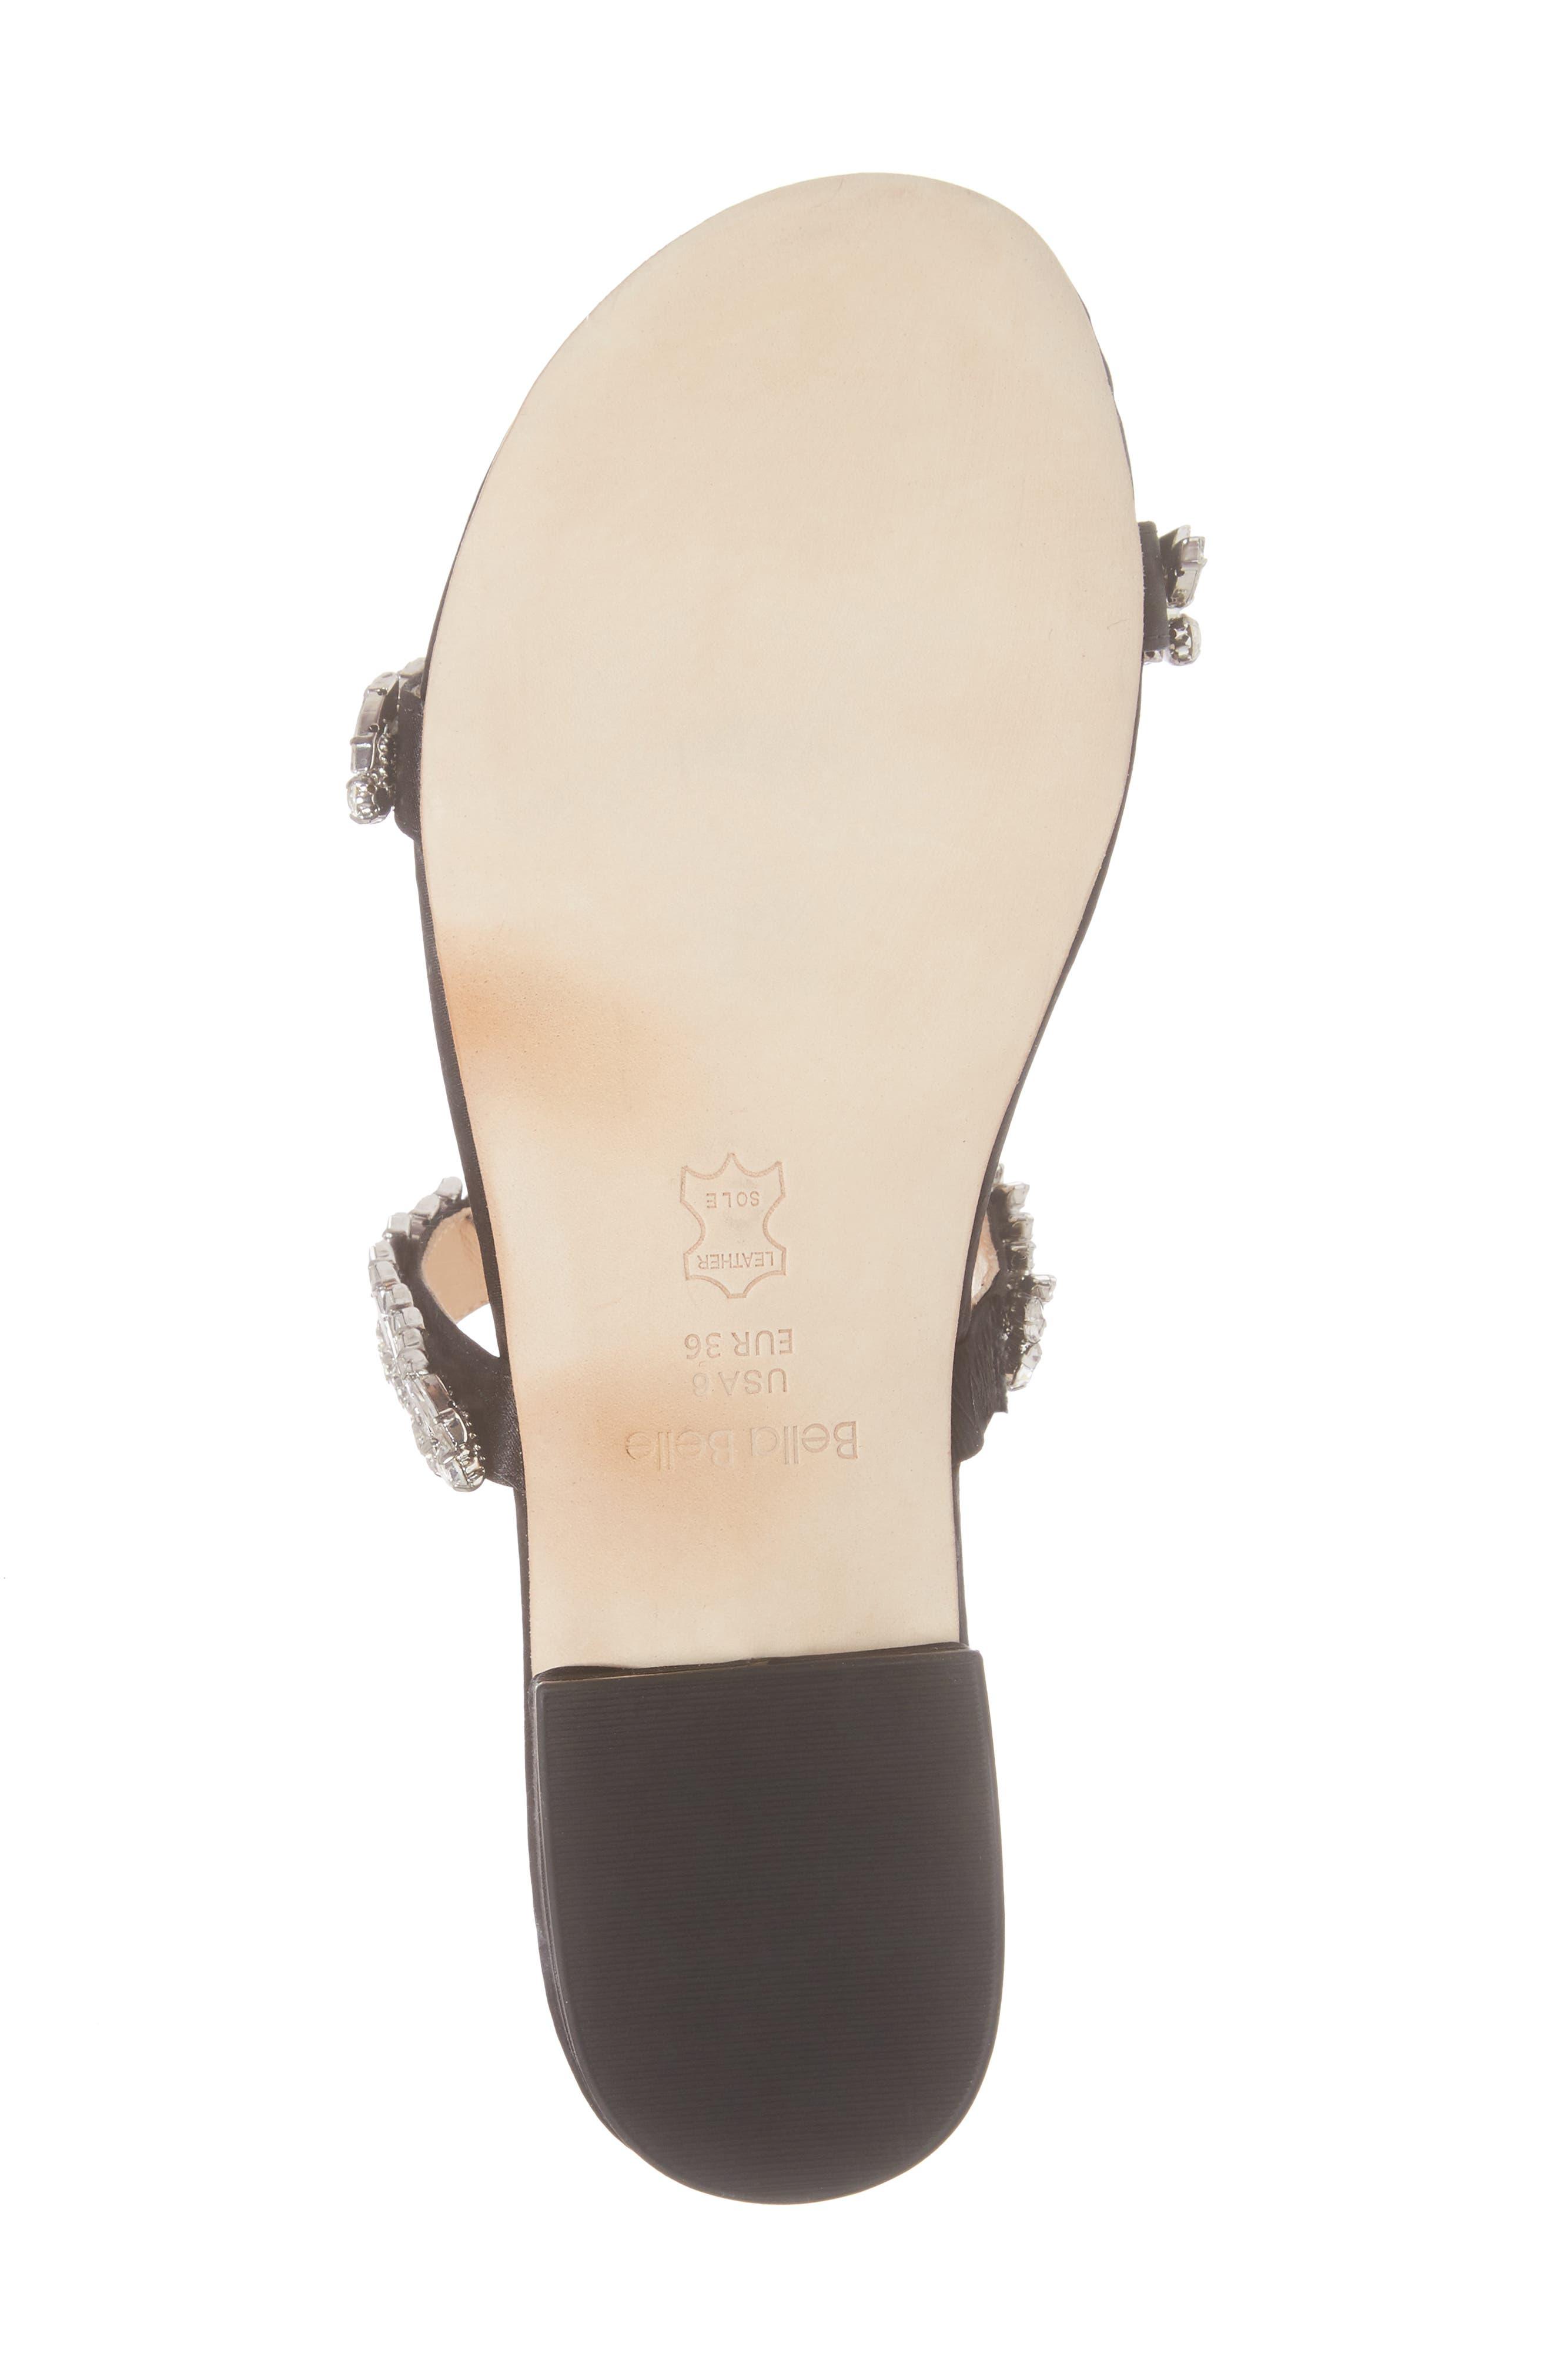 Bree Jeweled Evening Sandal,                             Alternate thumbnail 6, color,                             BLACK